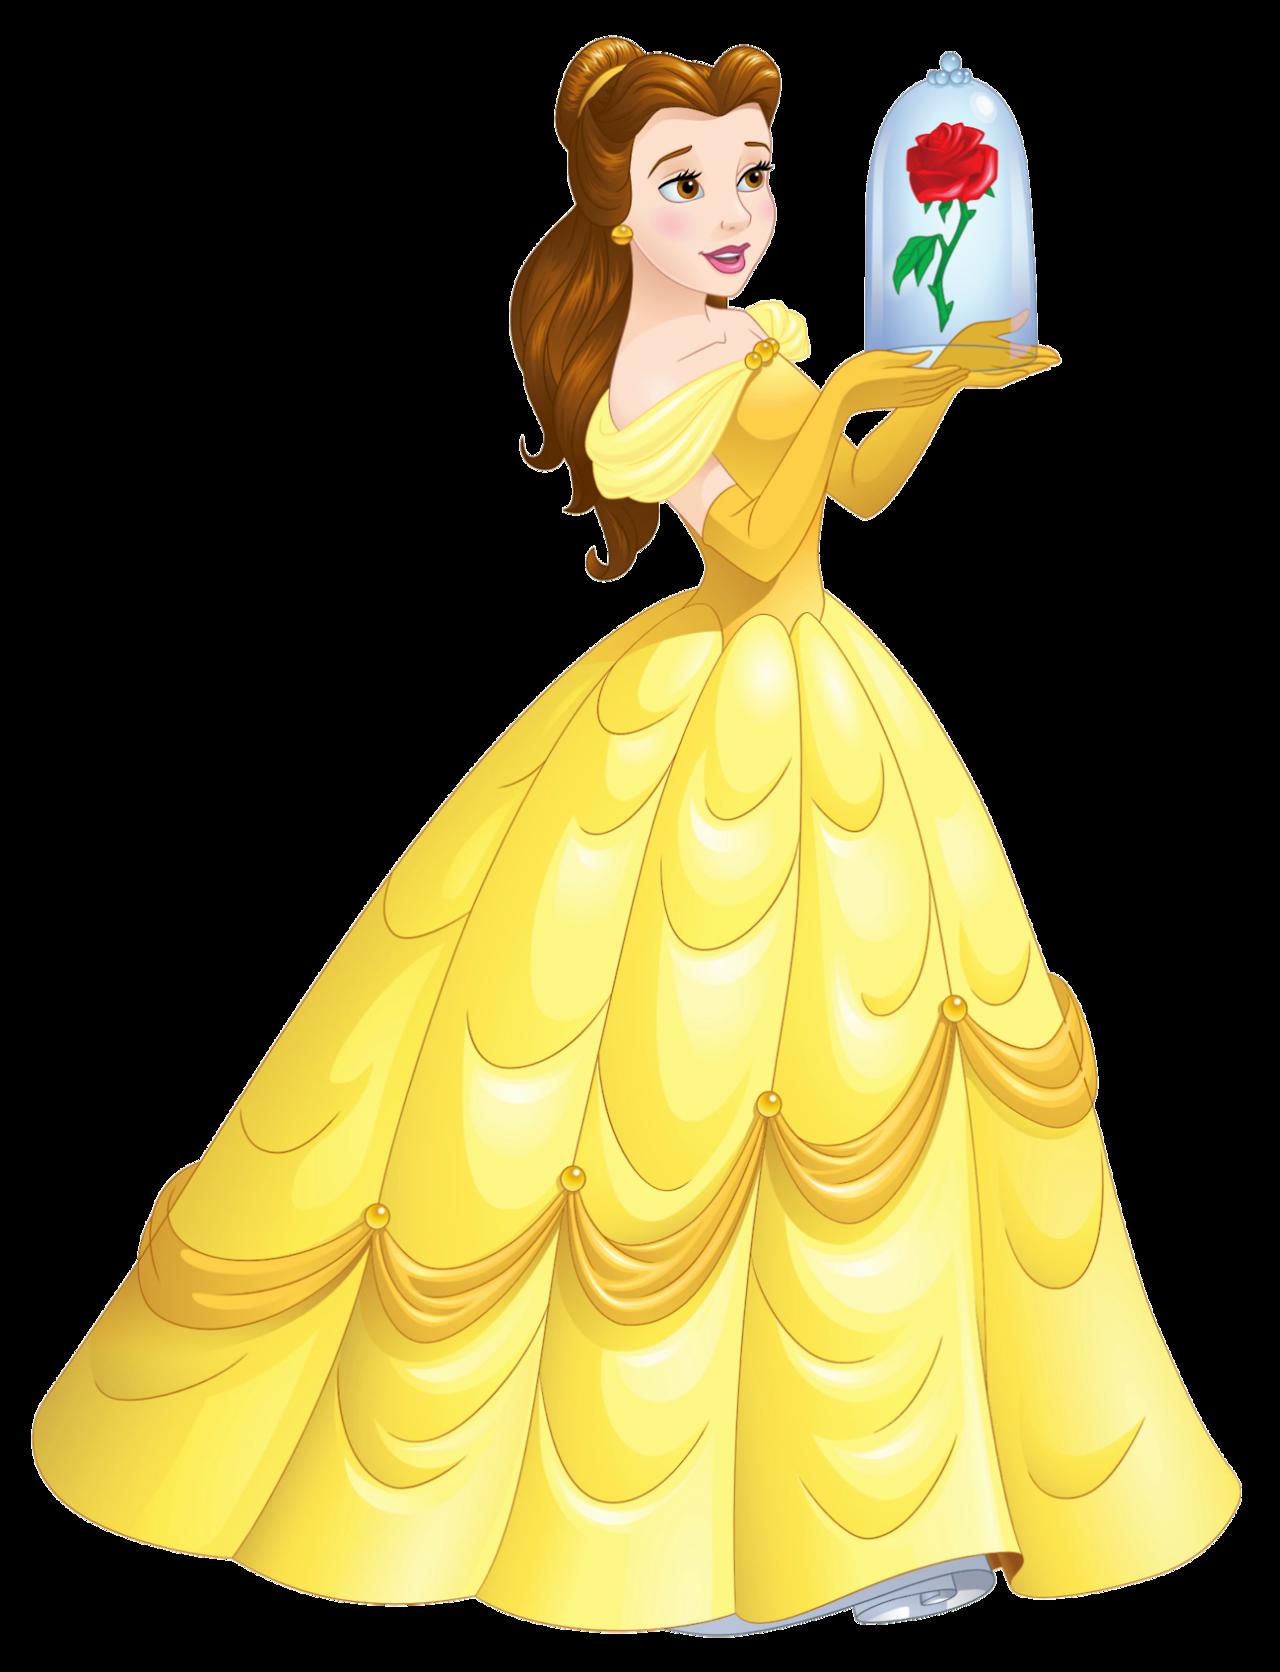 pin by dawn w on disney disney disney princess disney princess belle